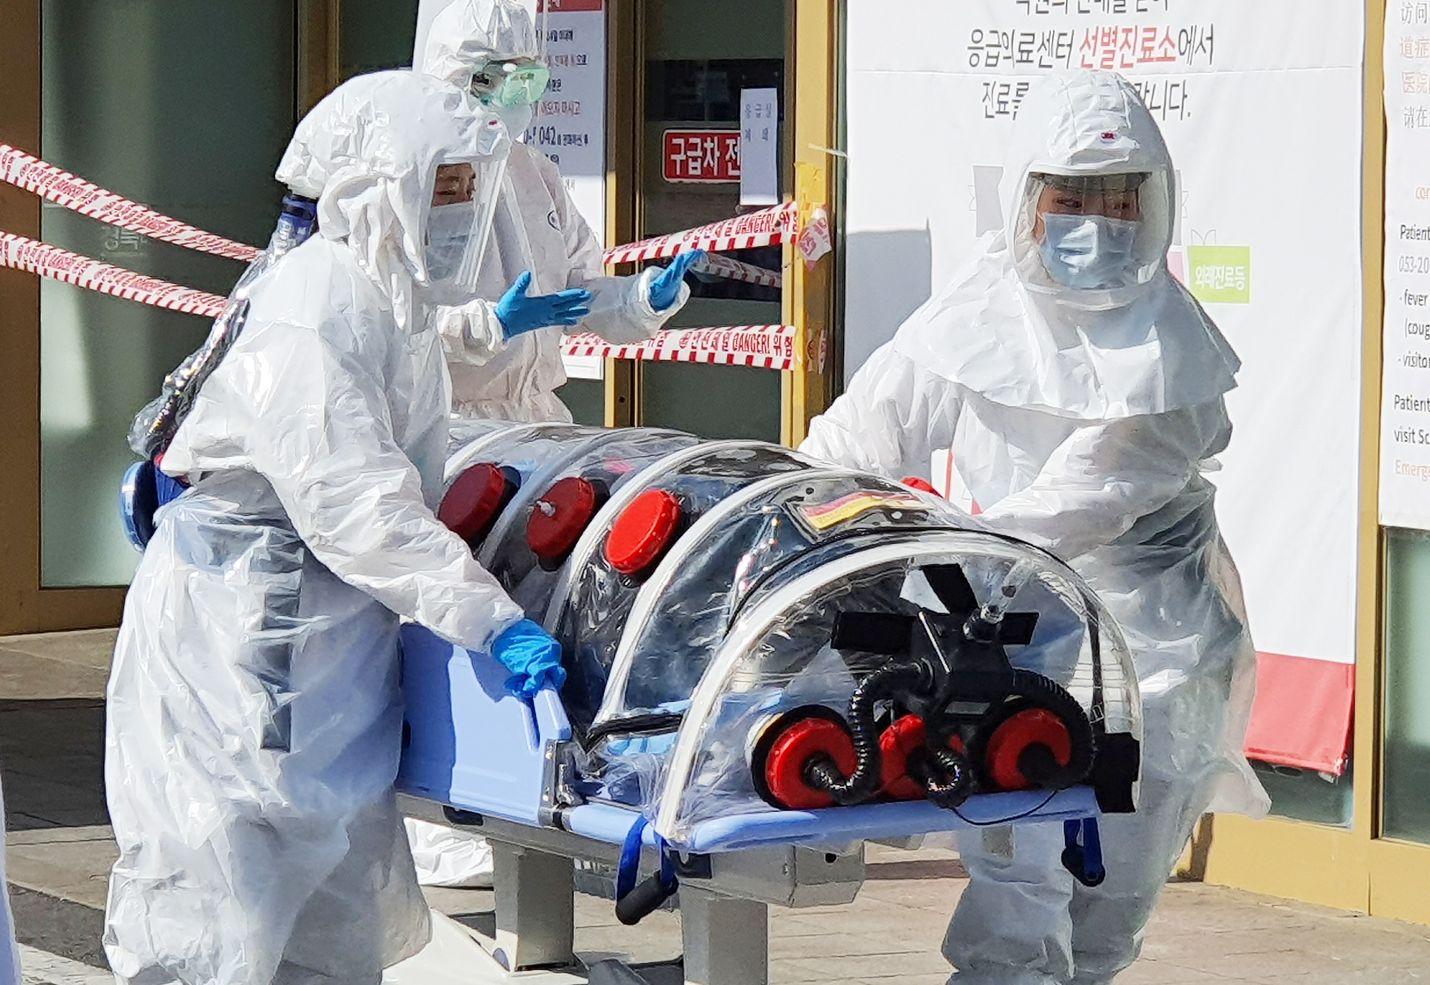 Koronavirustartuntoja on todettu Kiinan ulkopuolella runsaasti esimerkiksi Etelä-Koreassa. Maan neljänneksi suurin kaupunki Daegu on hiljentynyt keskiviikon jälkeen, kun ainakin 13 ihmisen todettiin saaneen tartunnan kirkossa. Kuvassa kaupungin sairaalaan kuljetetaan potilasta, jolla epäillään tartuntaa.